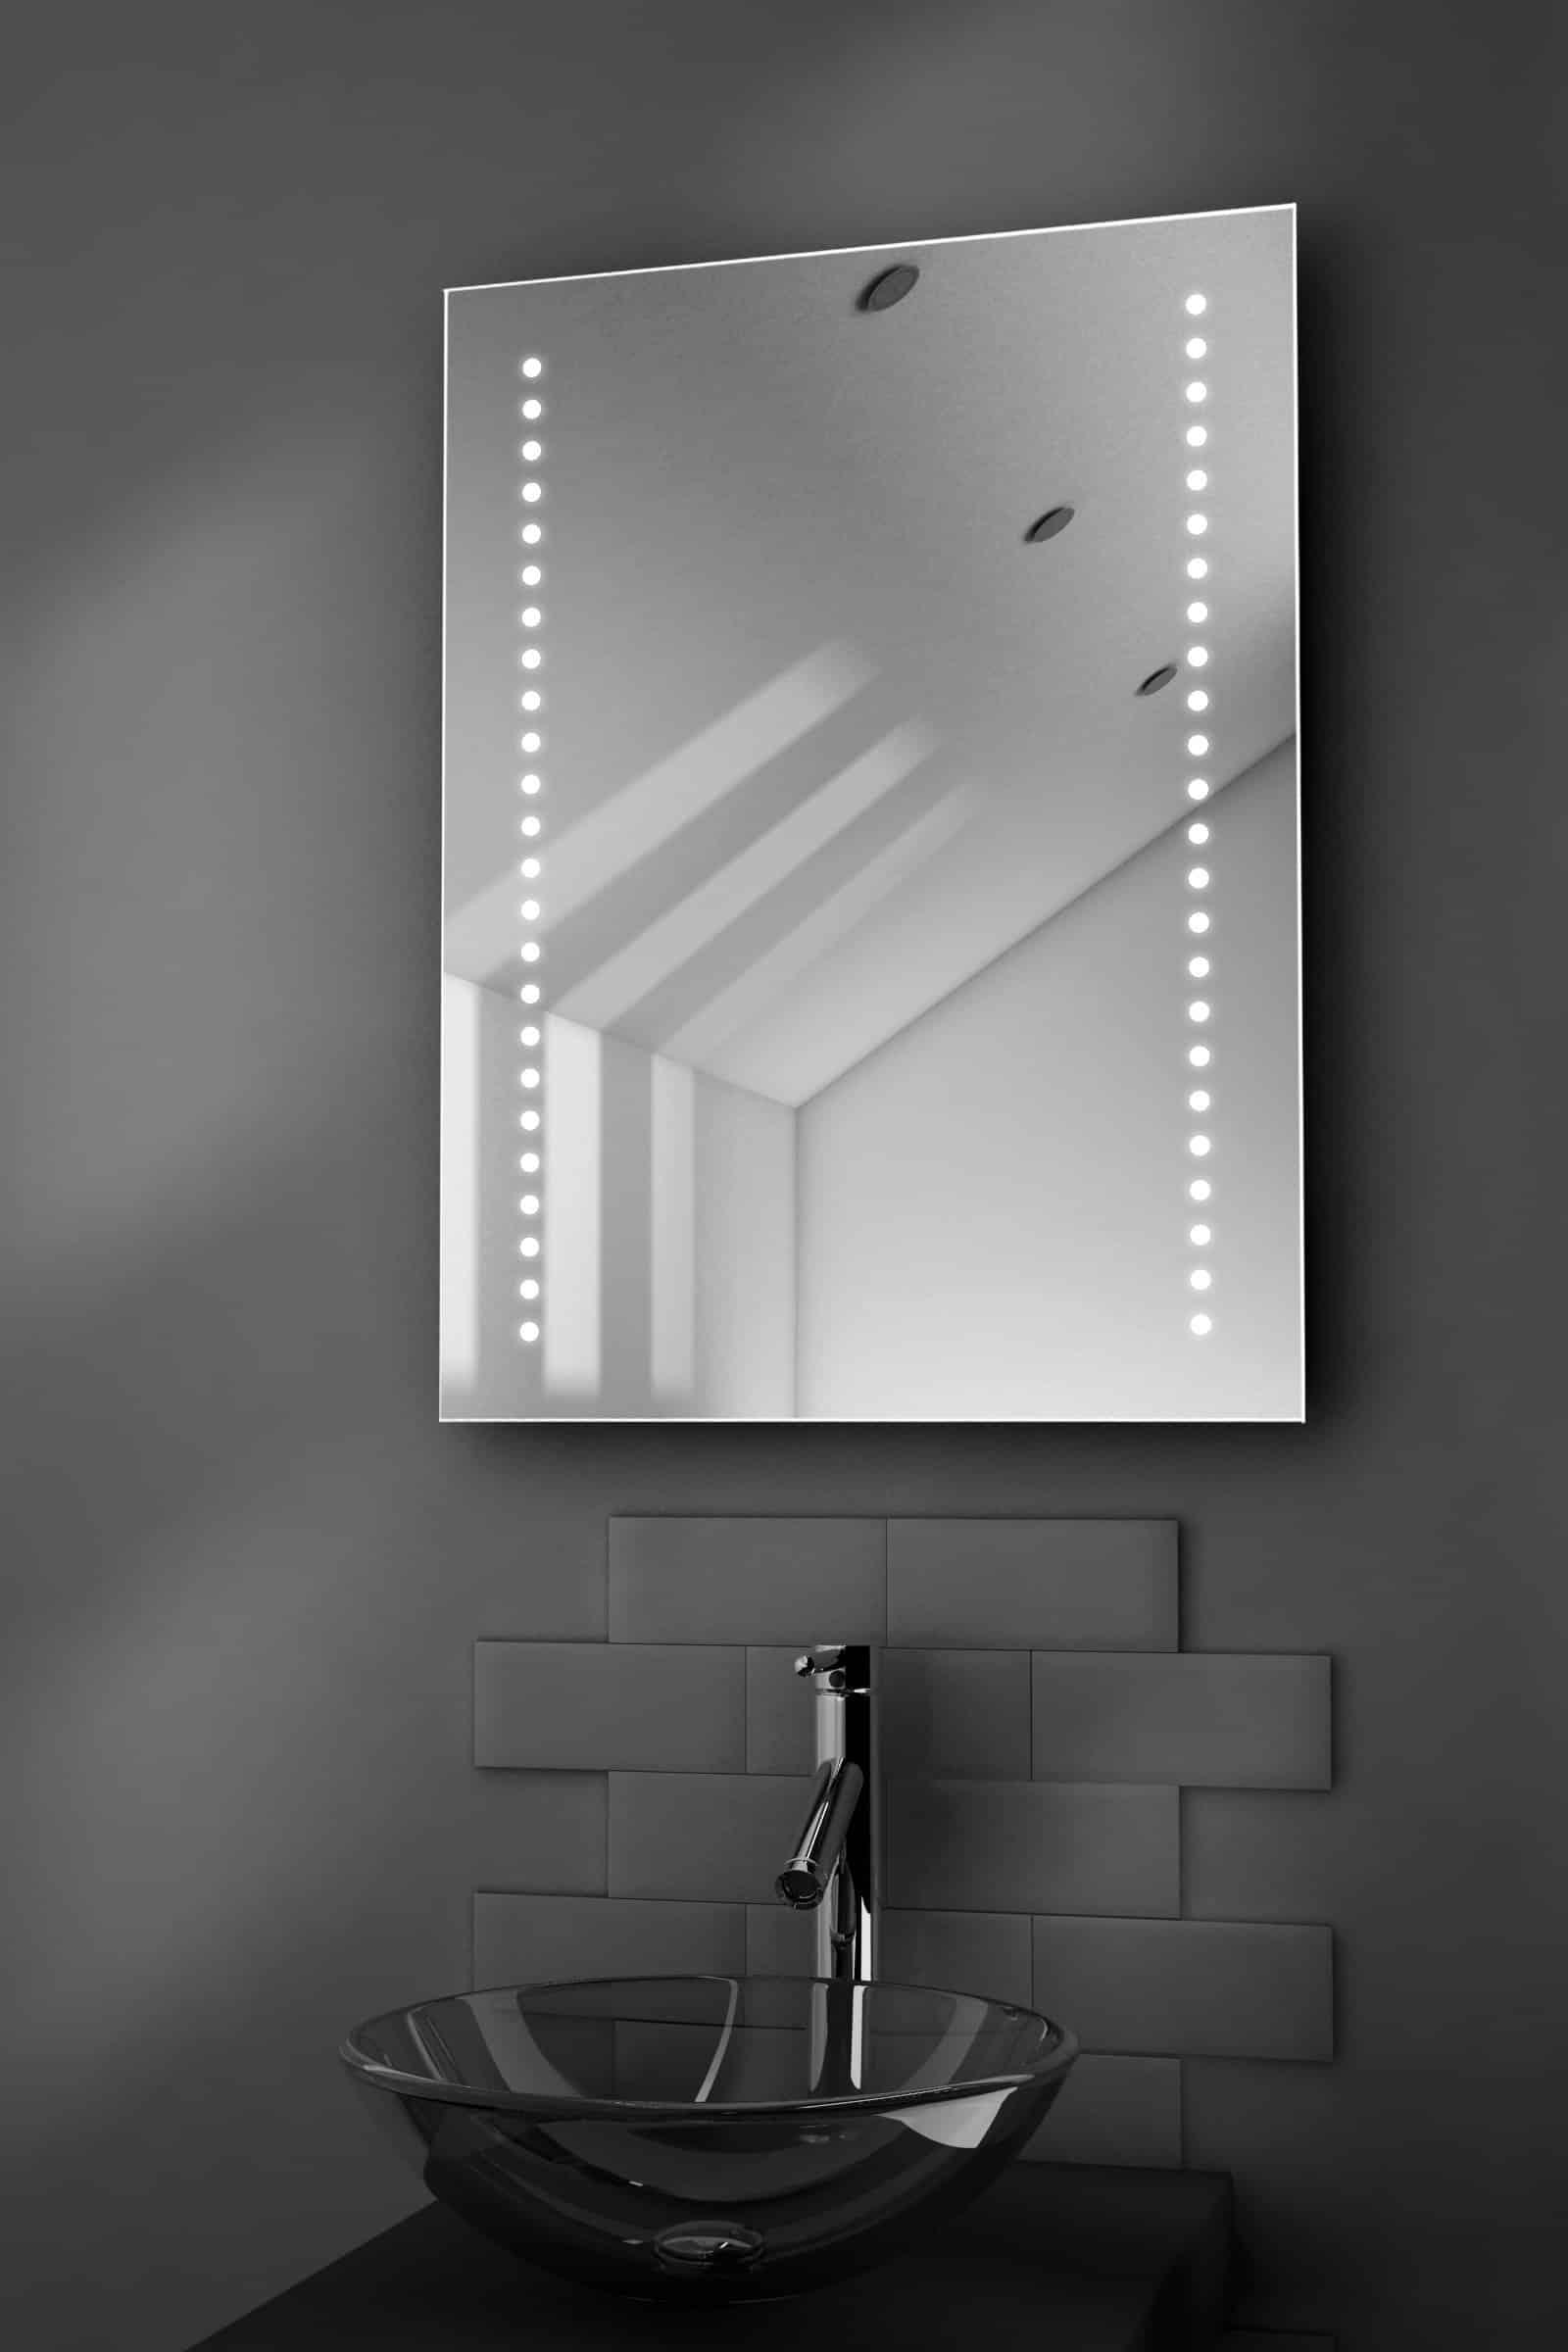 led spiegel met verwarming en sensor 60x80 designspiegels. Black Bedroom Furniture Sets. Home Design Ideas